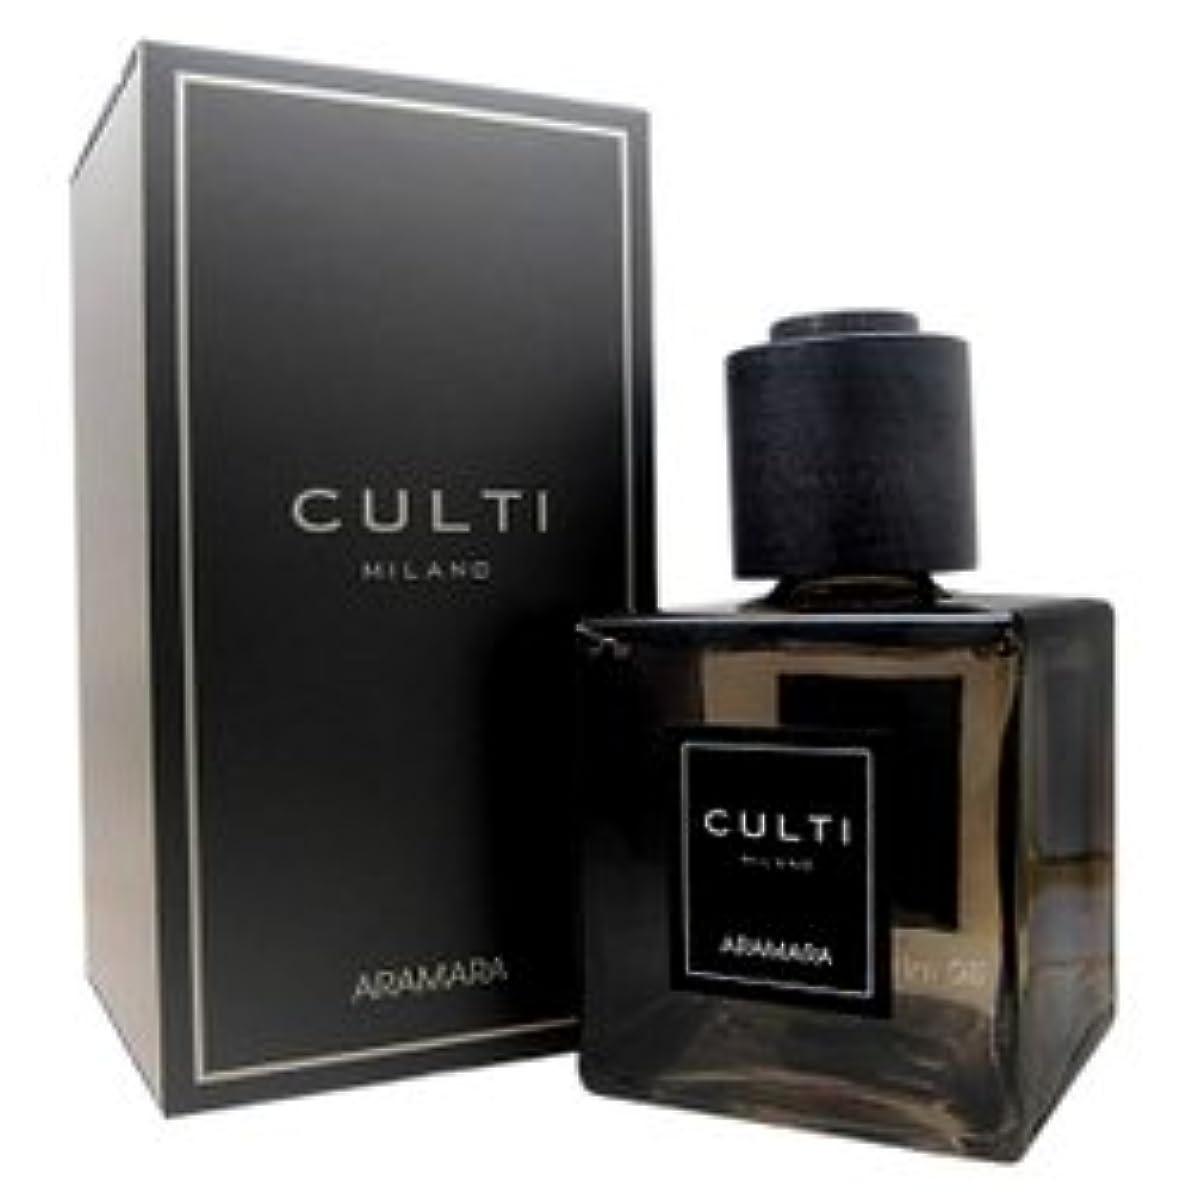 複合注文逃れる【CULTI】クルティ デコールクラシック ARAMARA 250ml [並行輸入品]